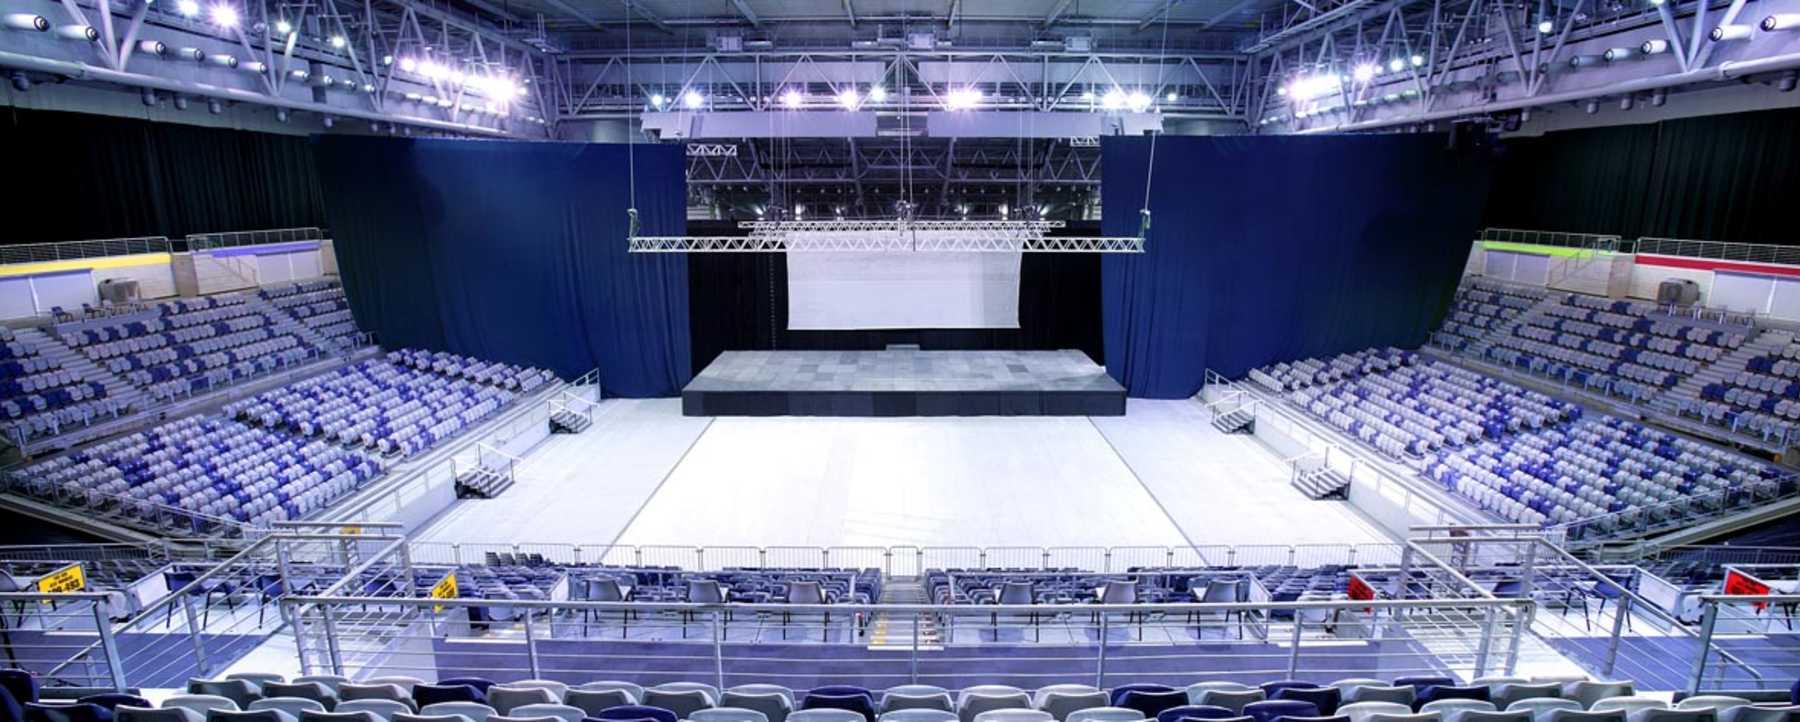 Melbourne Arena Auditorium